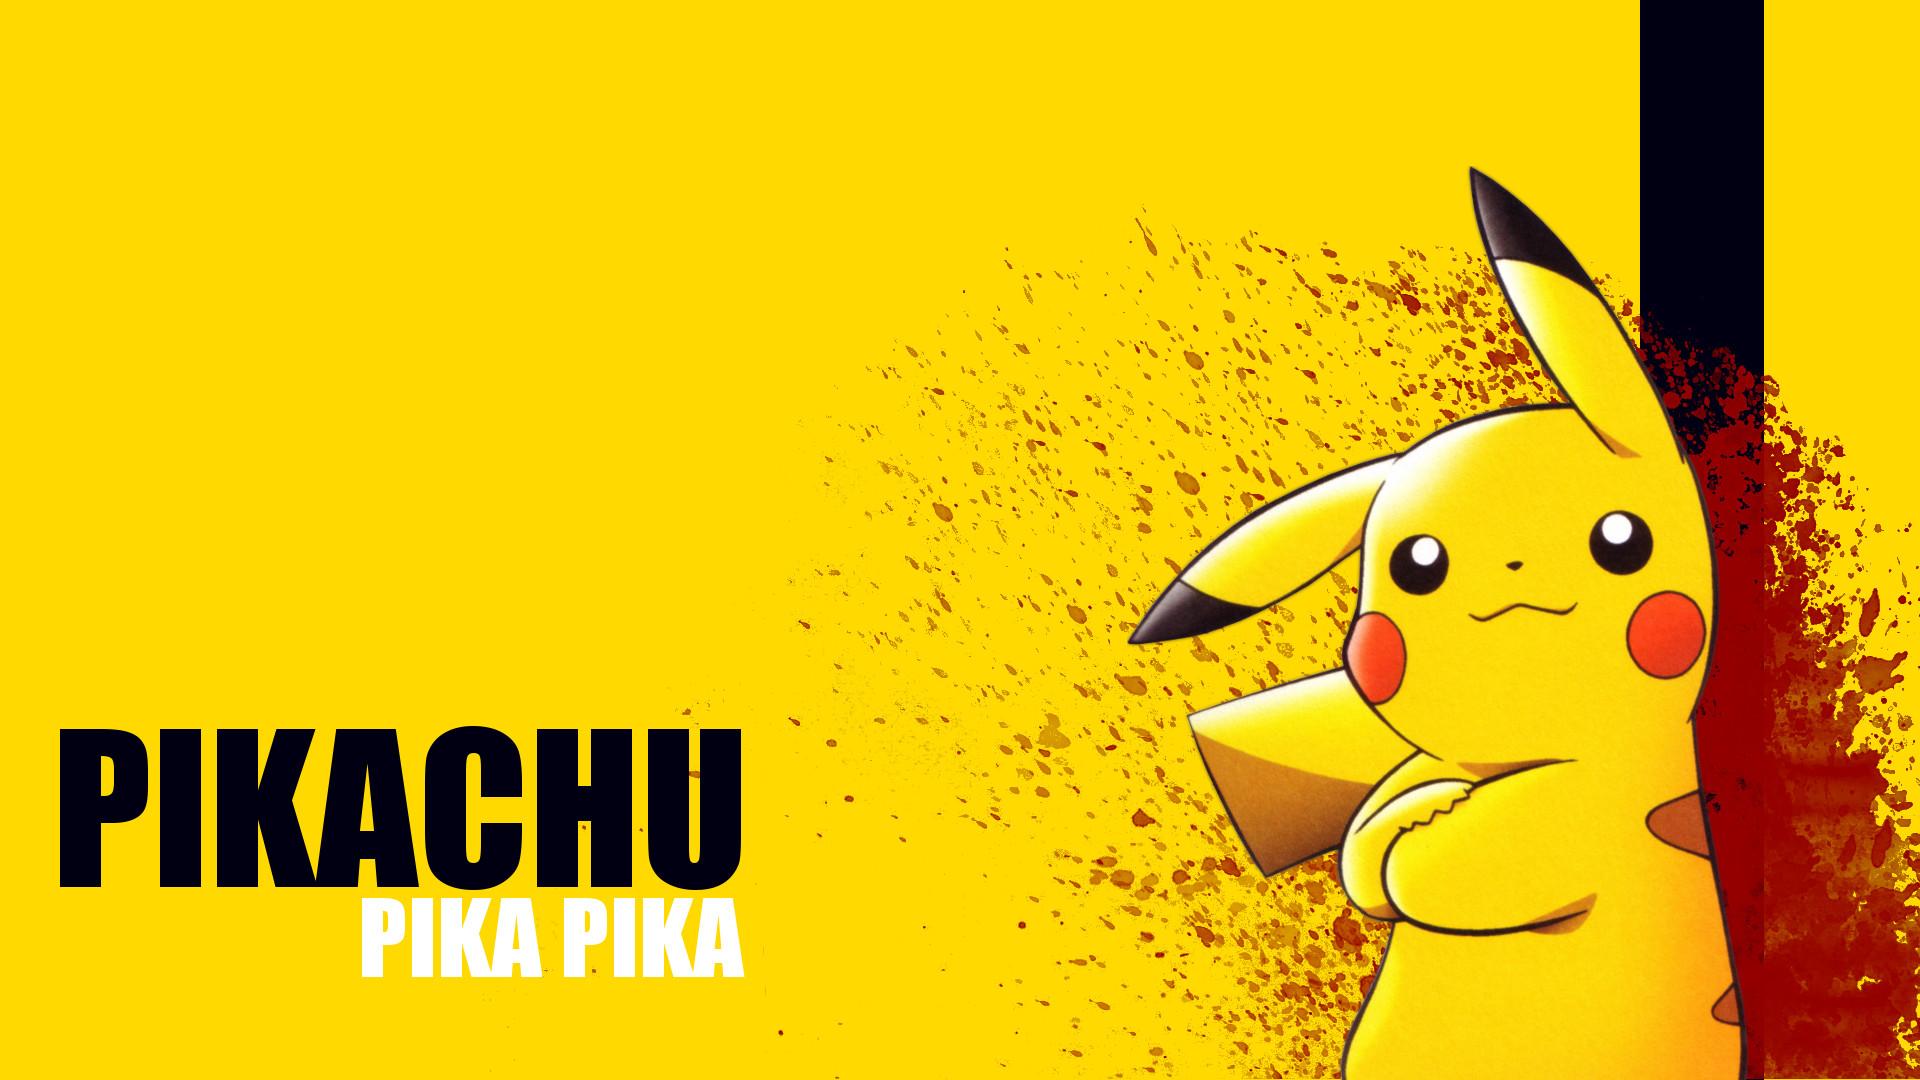 1920x1080 Kill bill pikachu wallpaper HD.